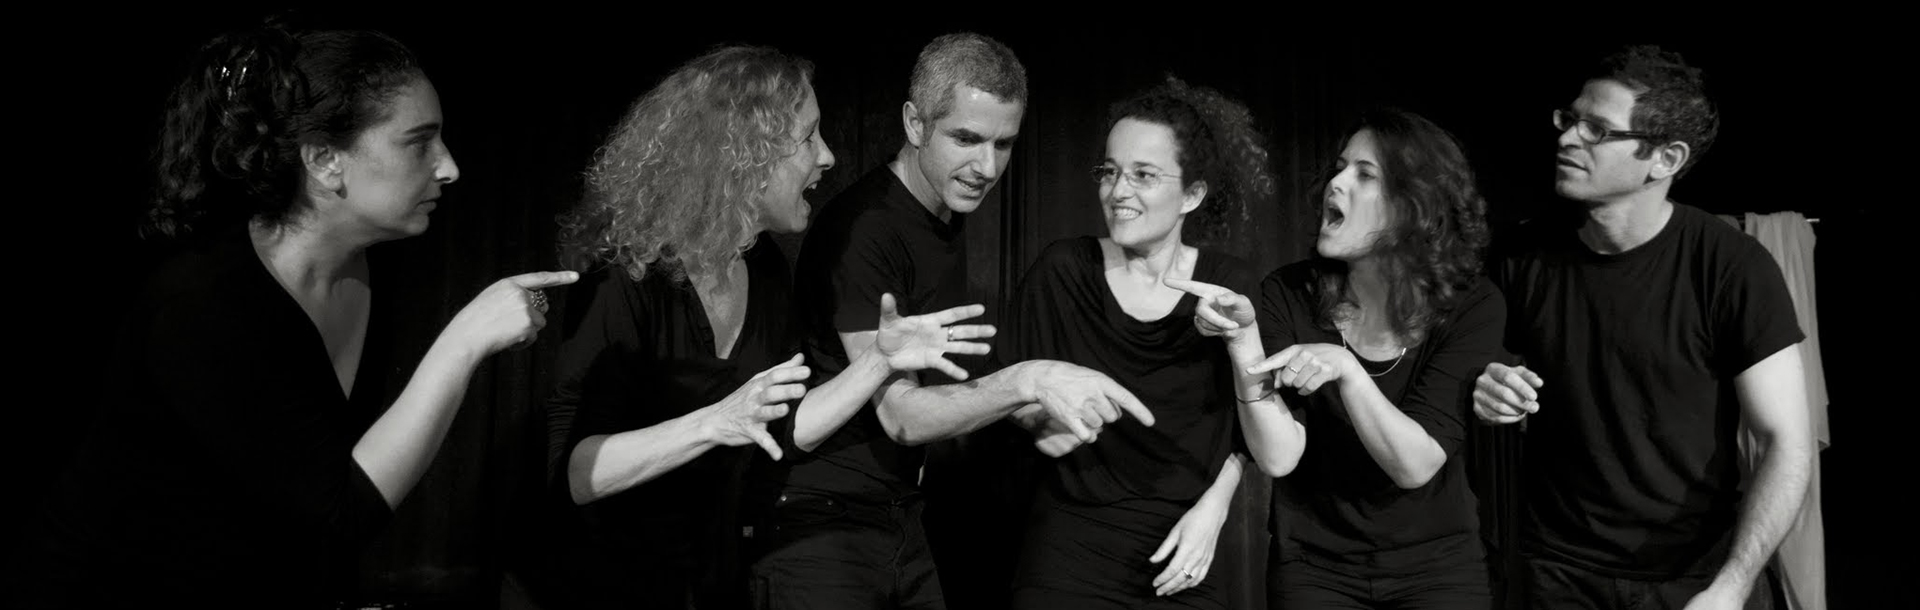 מופע תיאטרון אלתר-נתיב